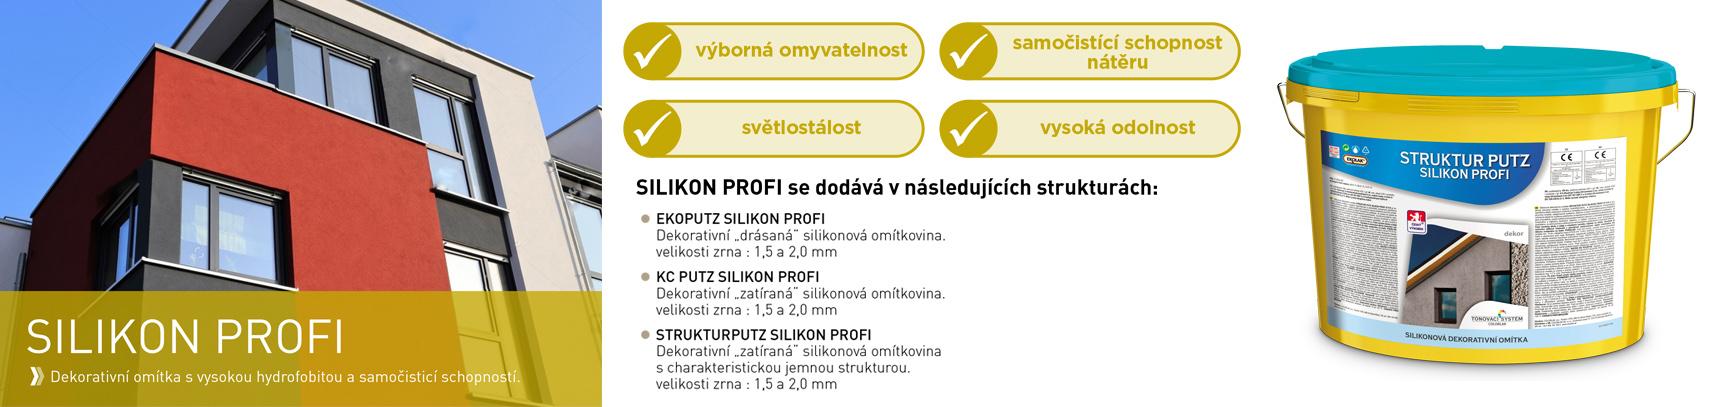 4e90f208a COLORLAK, a.s. - Barvy, které vydrží | Přední český výrobce ...